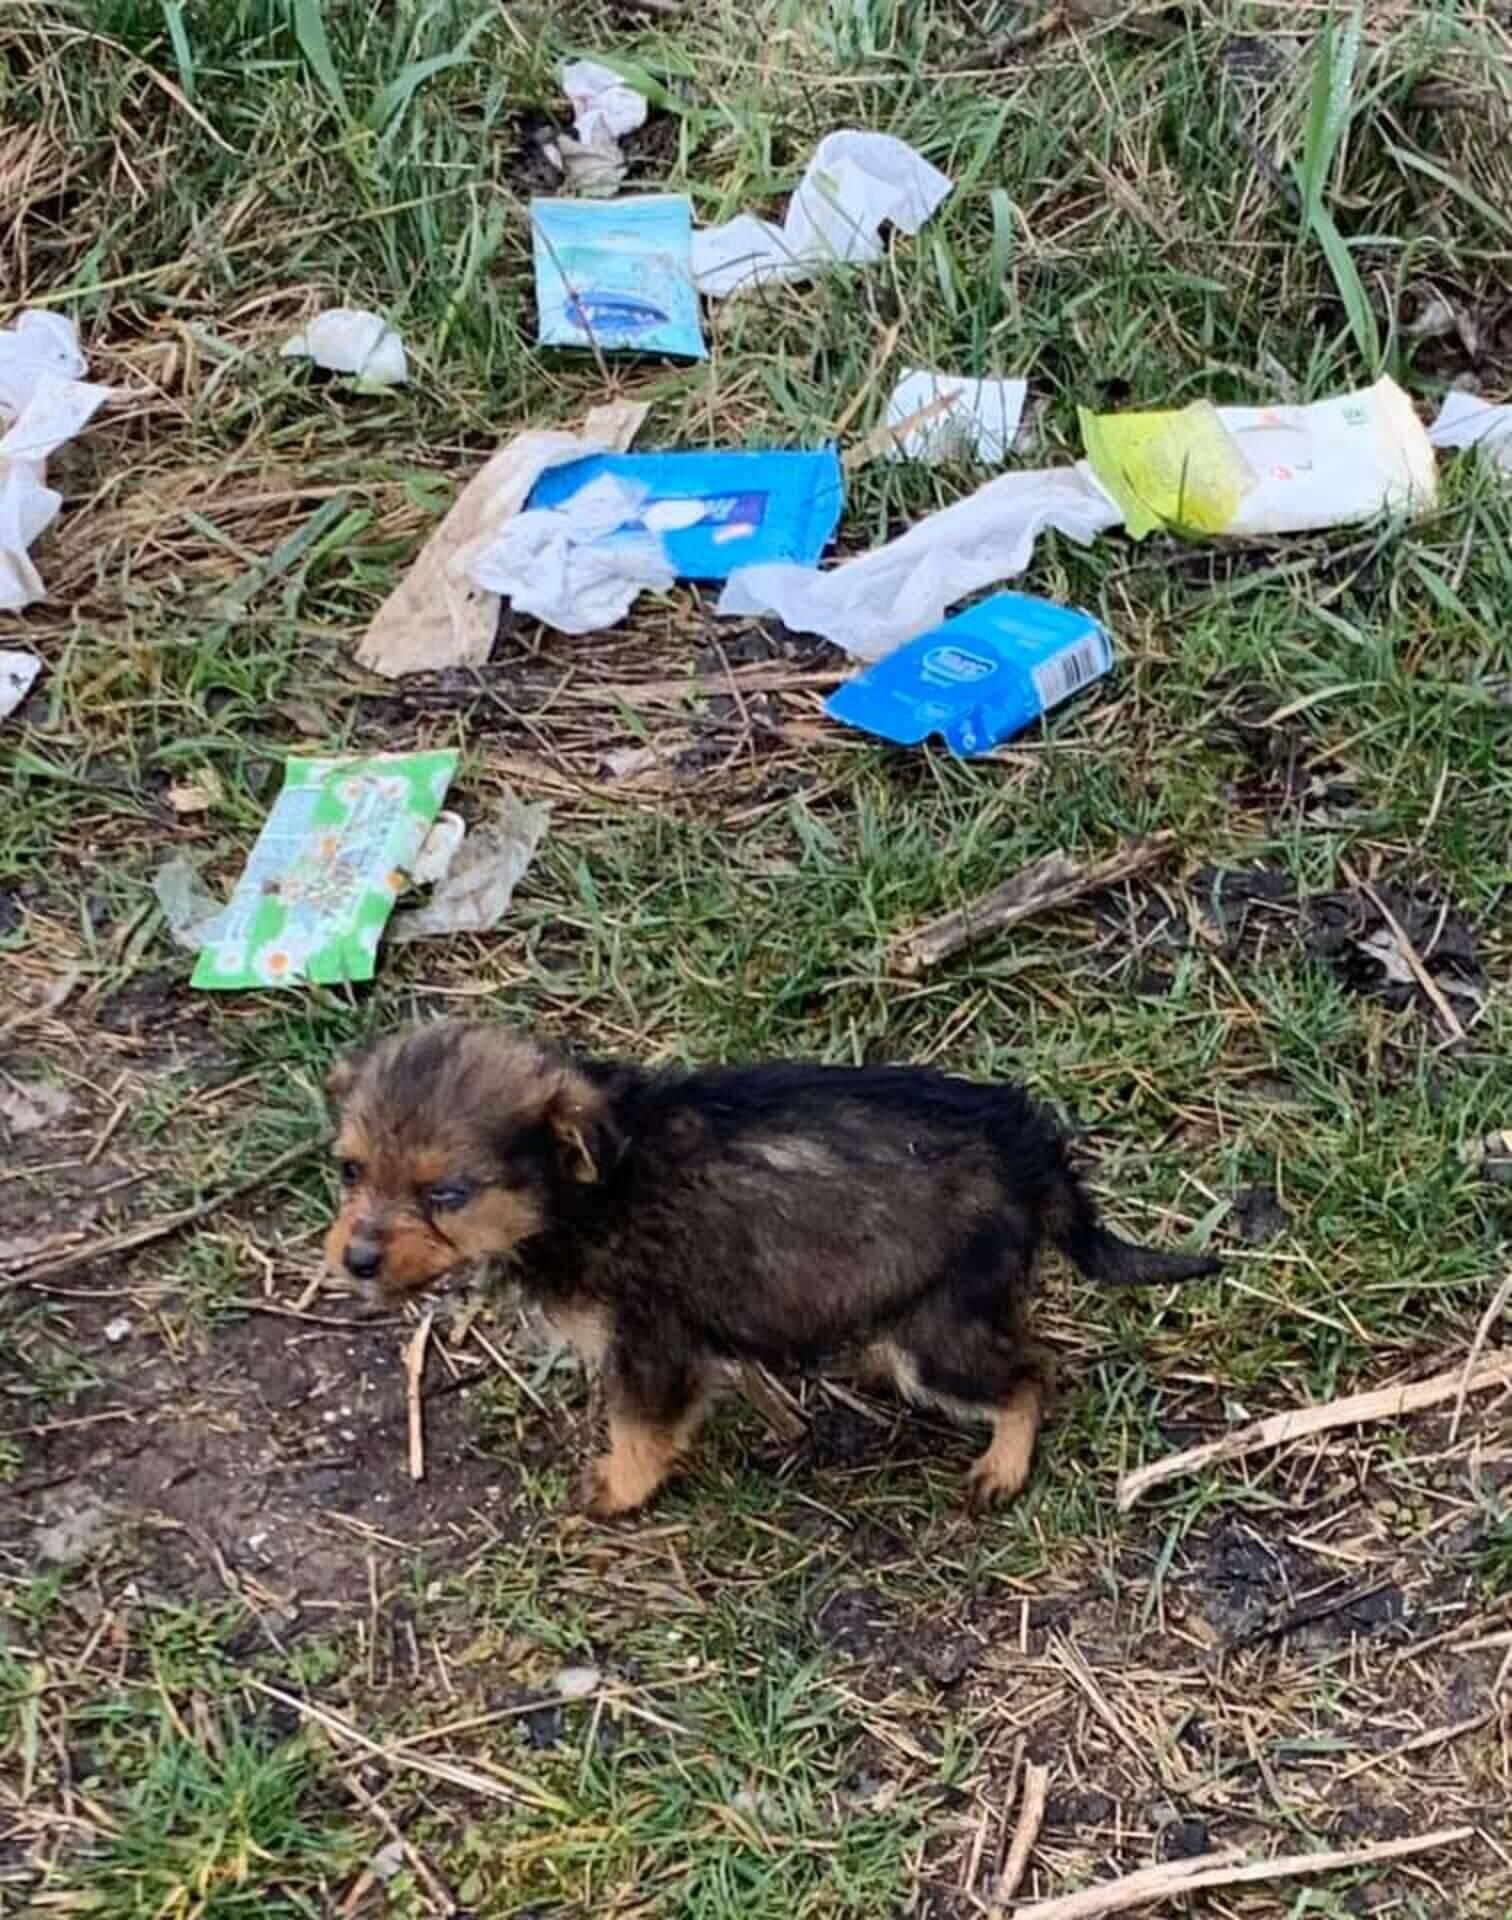 Coco foi encontrada chorando ao lado de uma pilha de lixo. Foto: Goran Marinkovic/Arquivo Pessoal